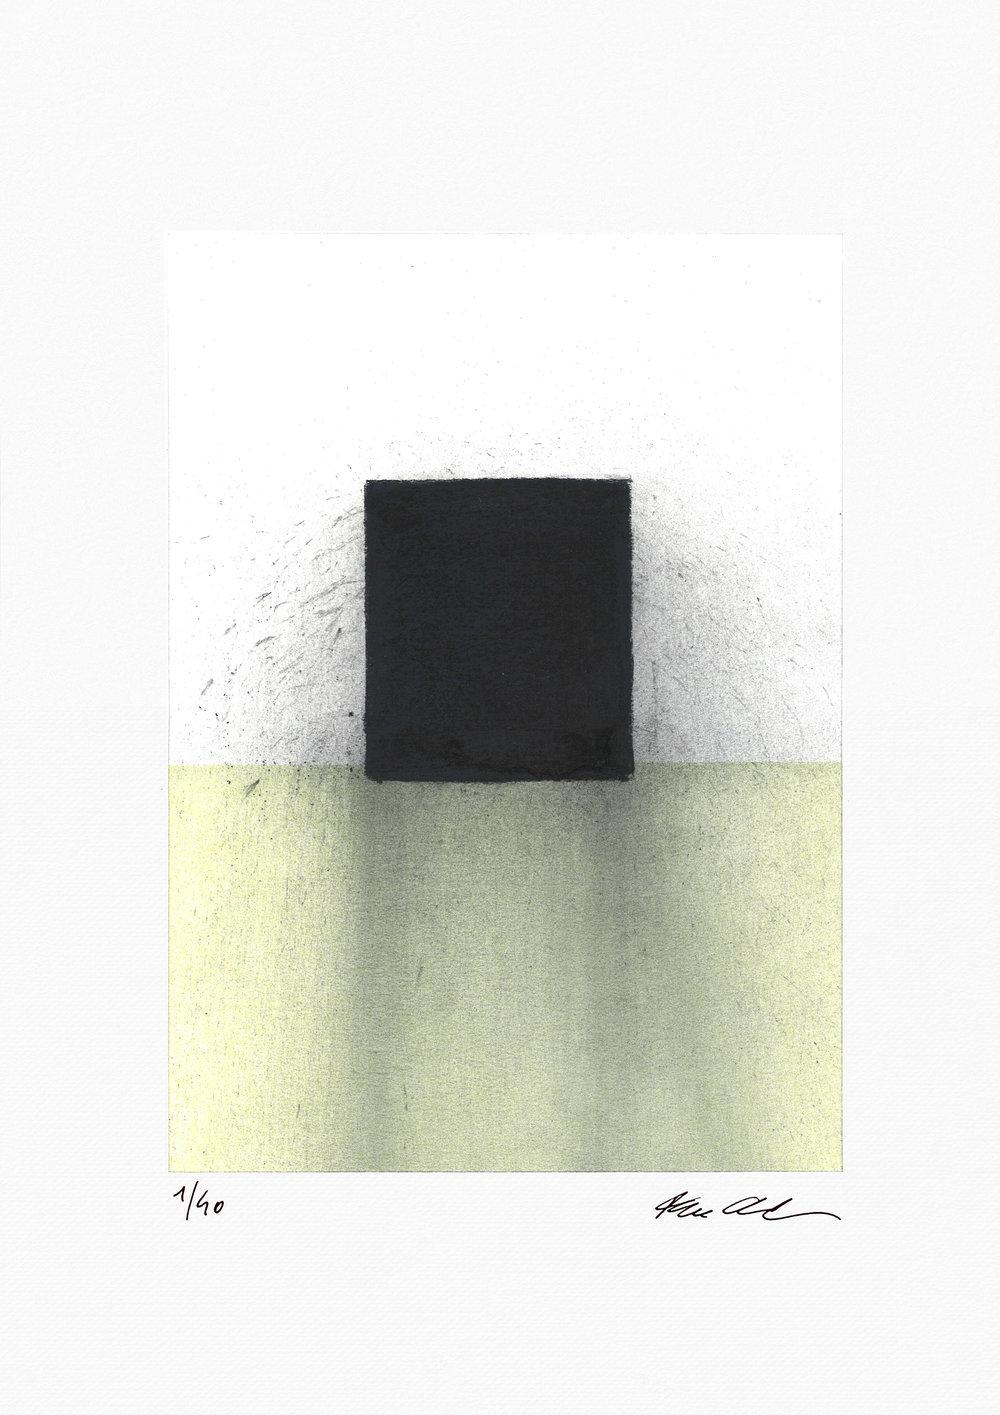 Federico Aprile,   Collasso , 2014, stampa ed. 1/40, 21 x 29,7 cm, Firmato e numerato  € / CHf / £ / $ 100.-